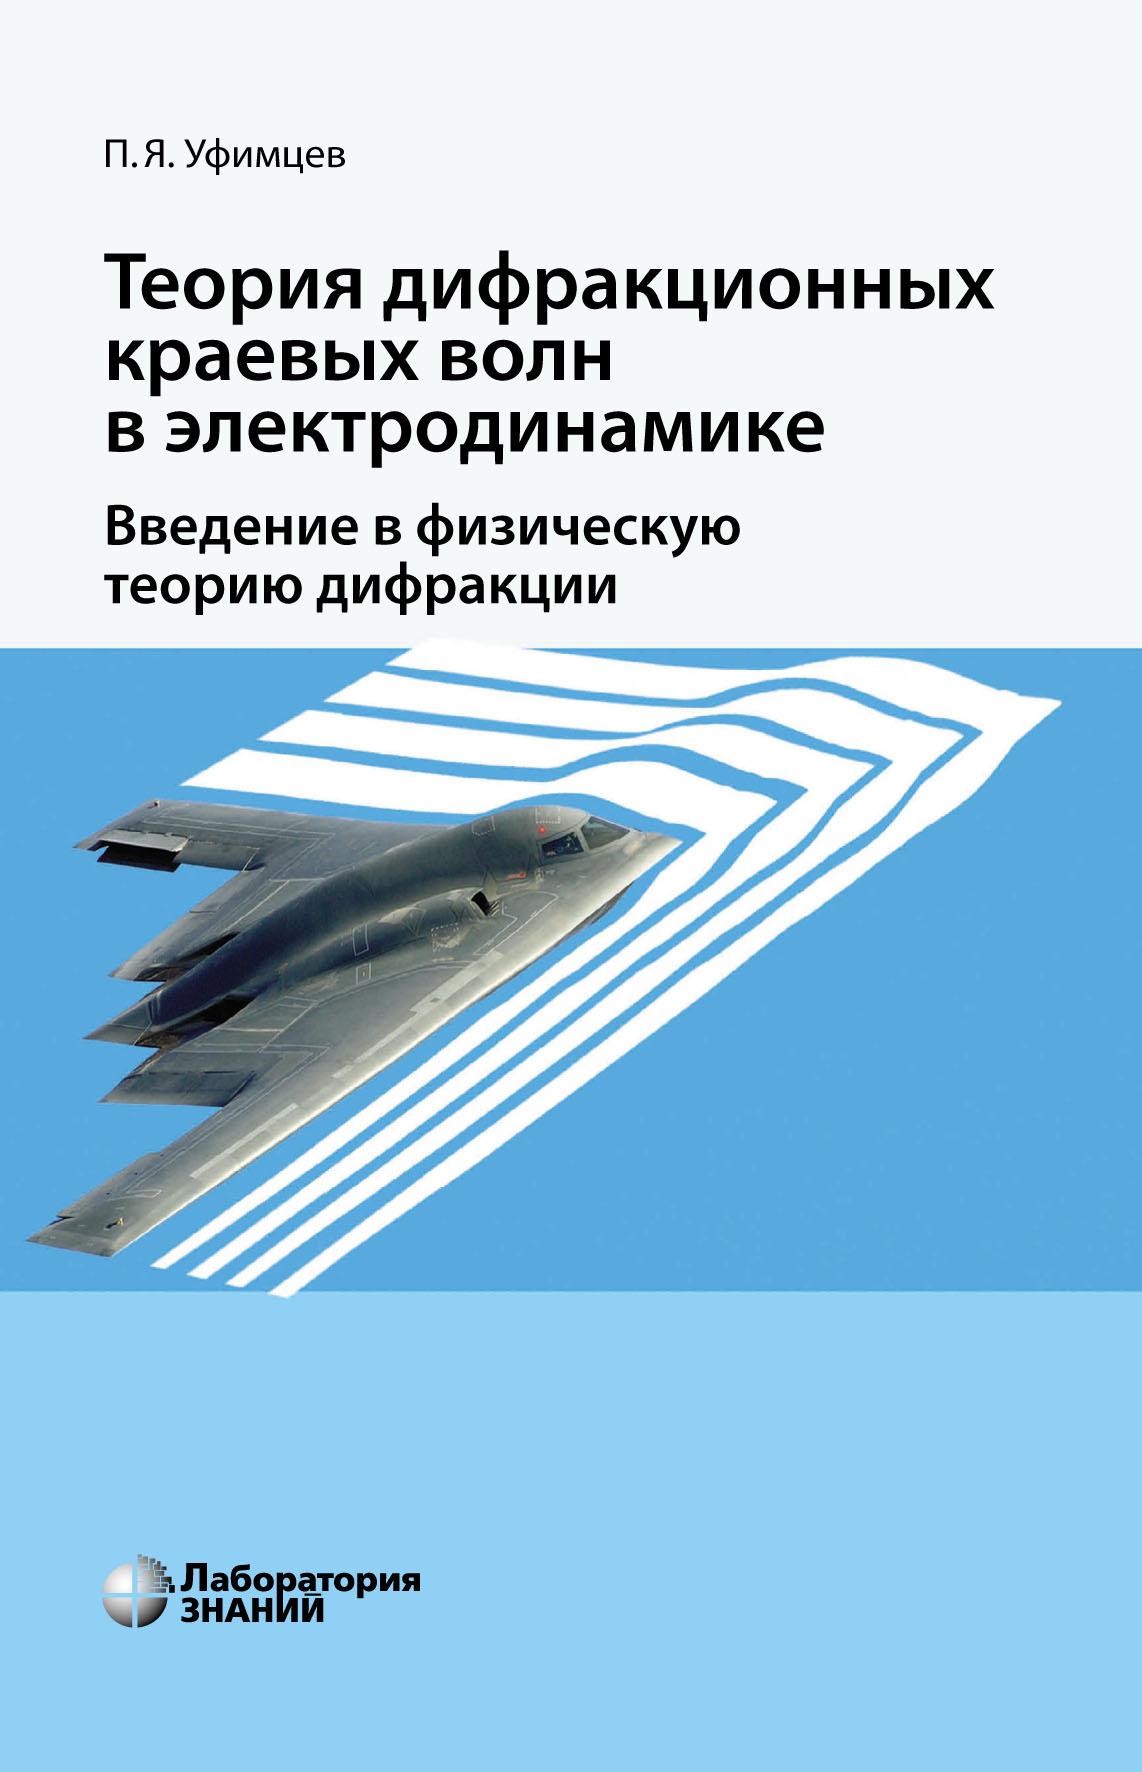 П. Я. Уфимцев Теория дифракционных краевых волн в электродинамике. Введение в физическую теорию дифракции диффракция электромагнитных волн на некоторых телах вращения